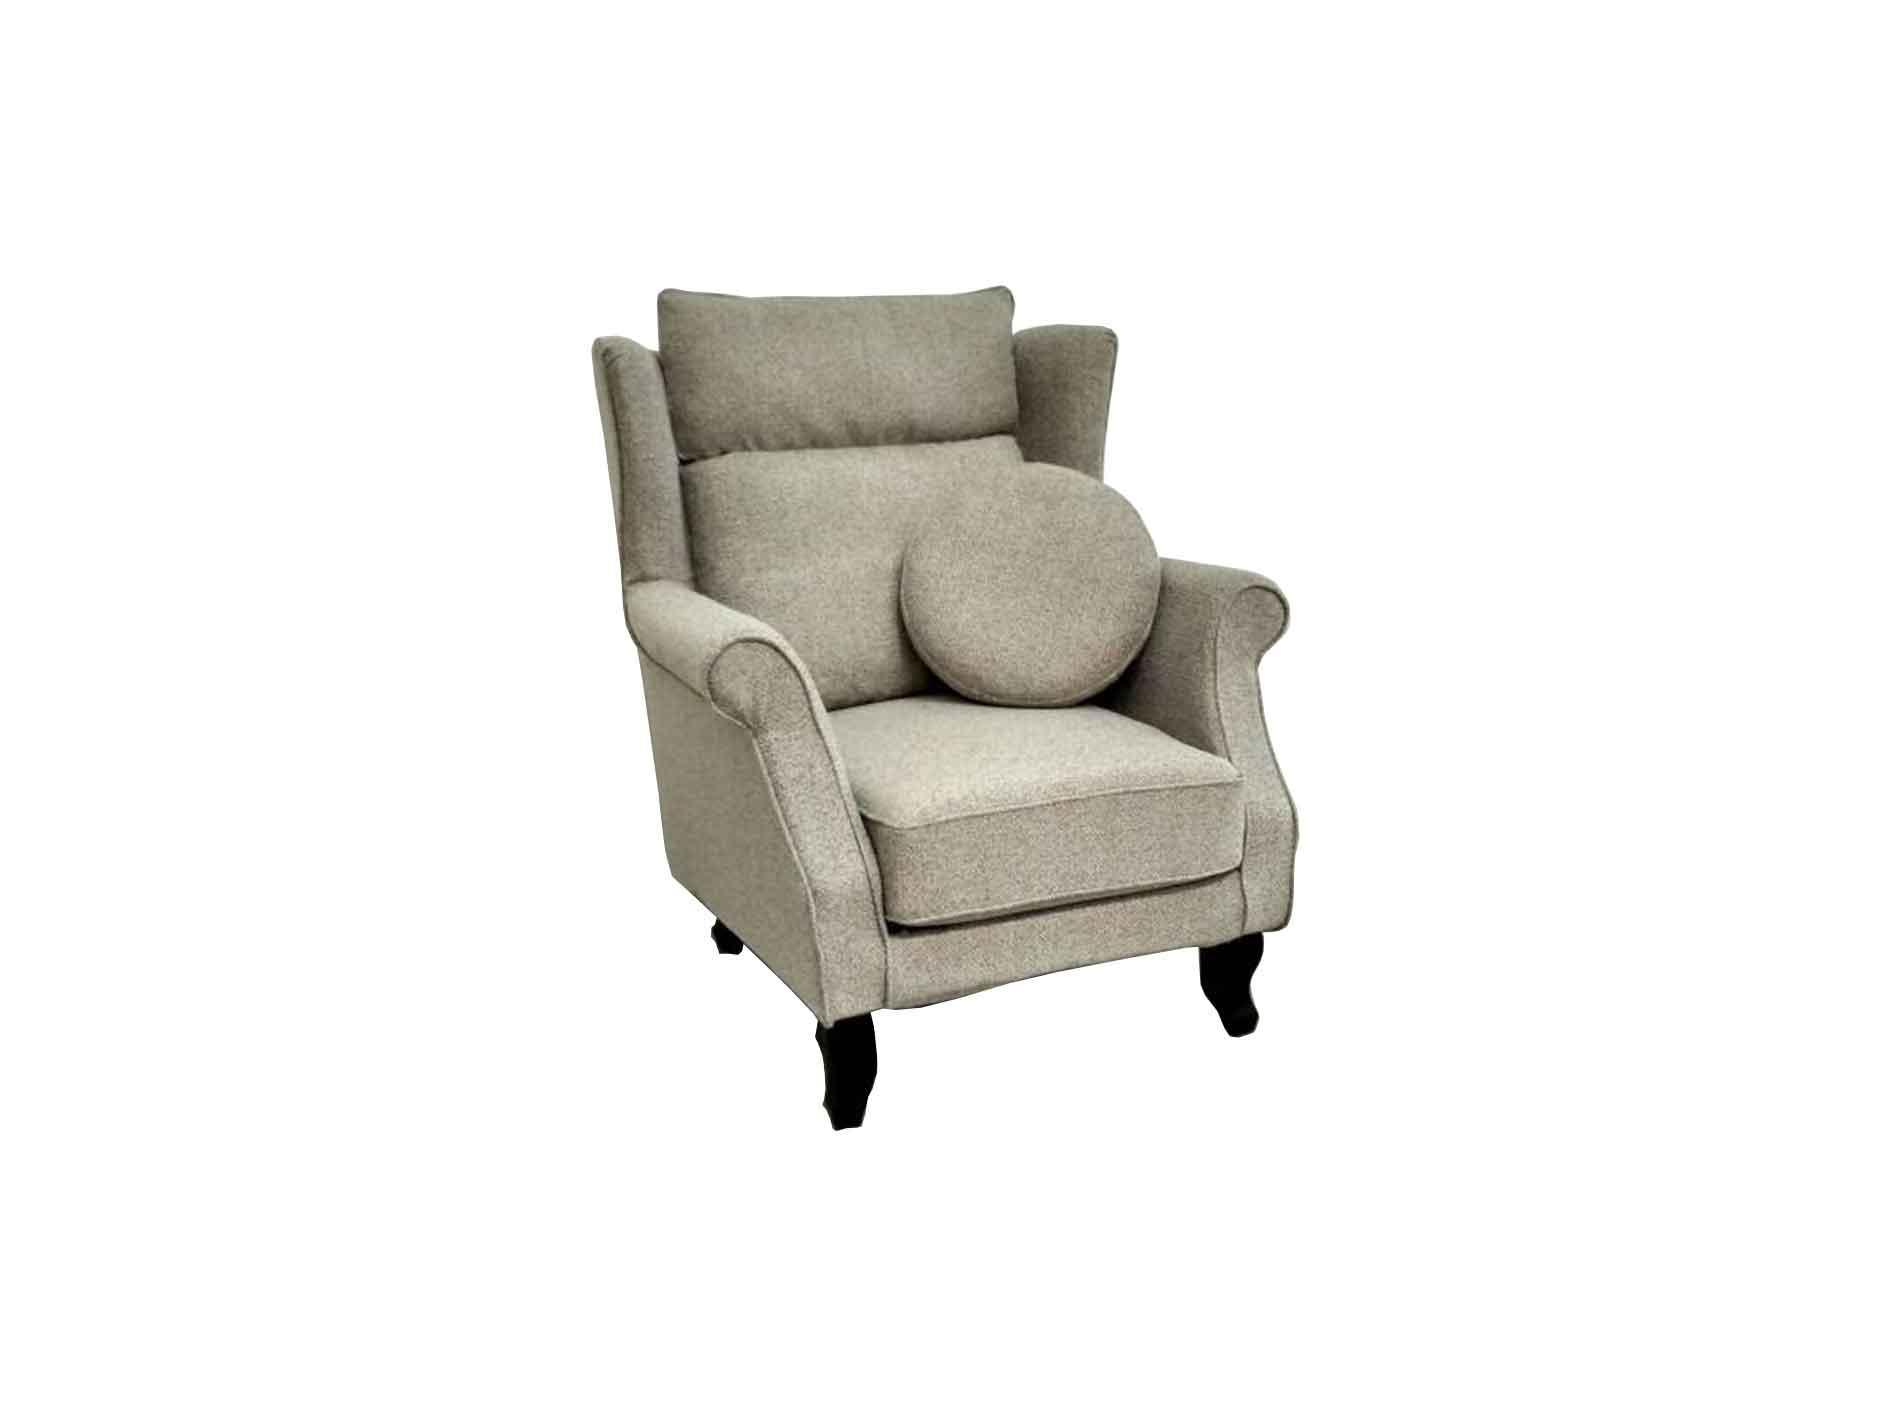 Valerio Designer Italian Fabric Sofa – Fiore -1 Seater fabric sofa (90CM)